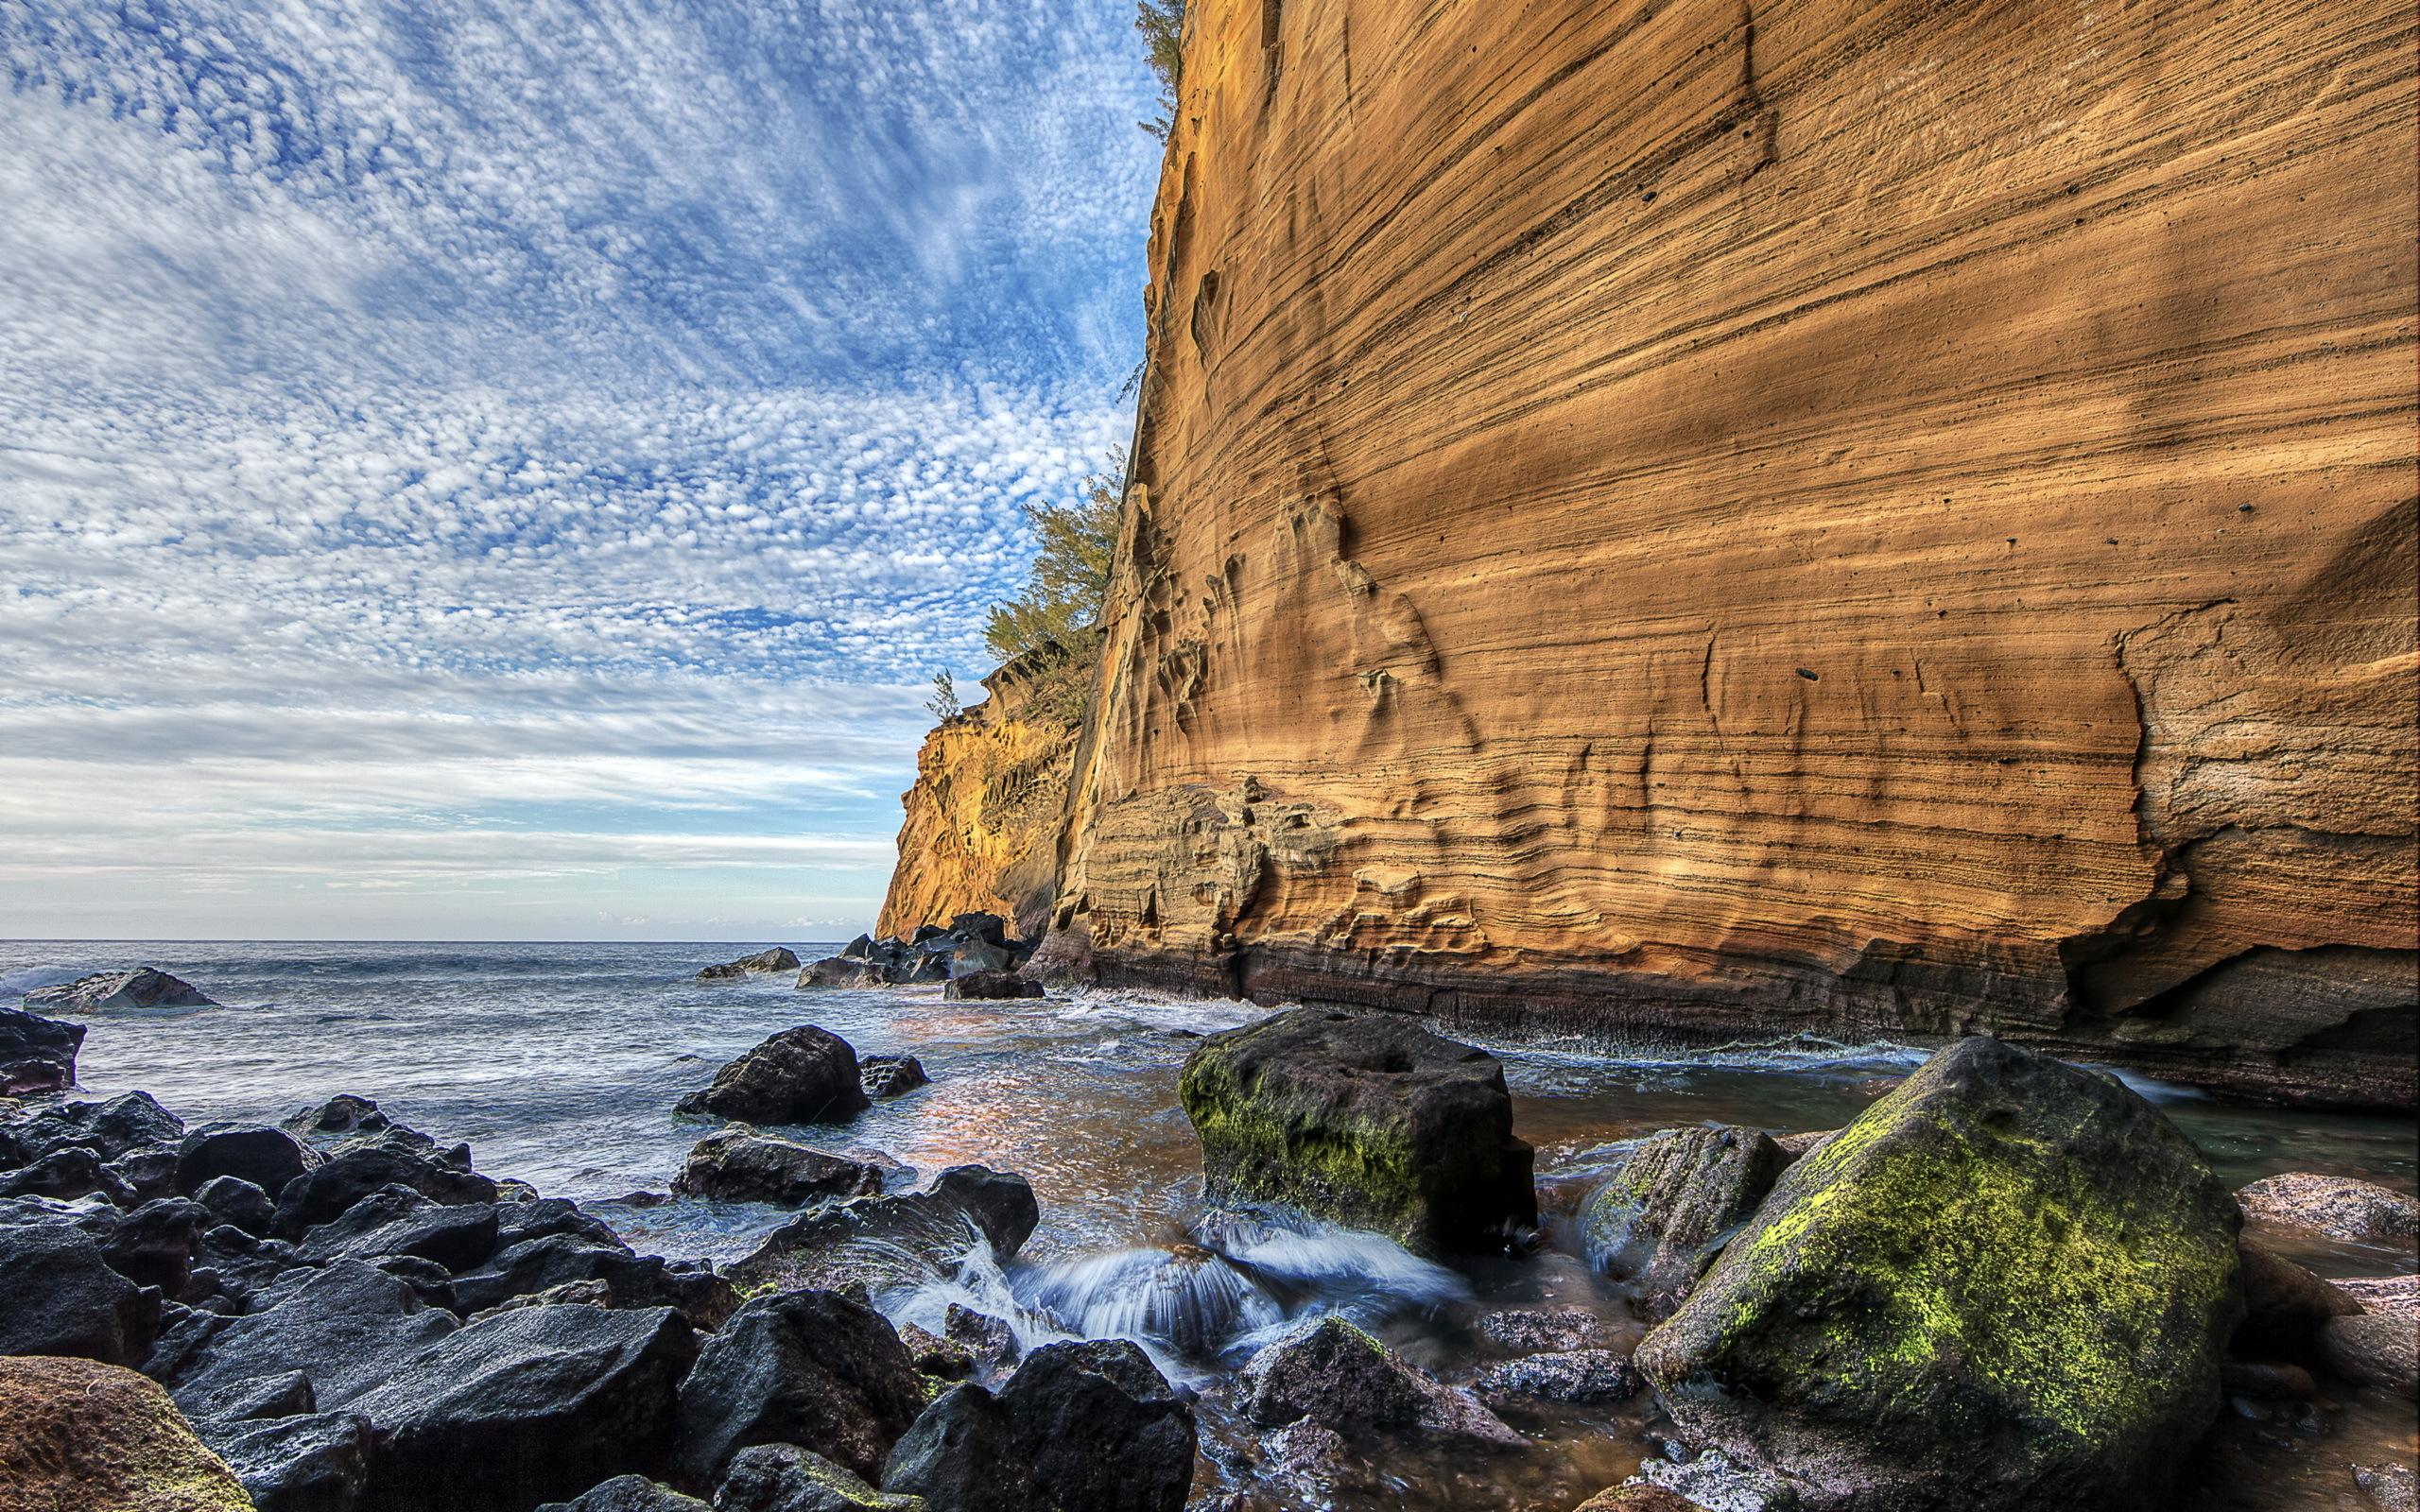 море склон камни  № 1569203  скачать